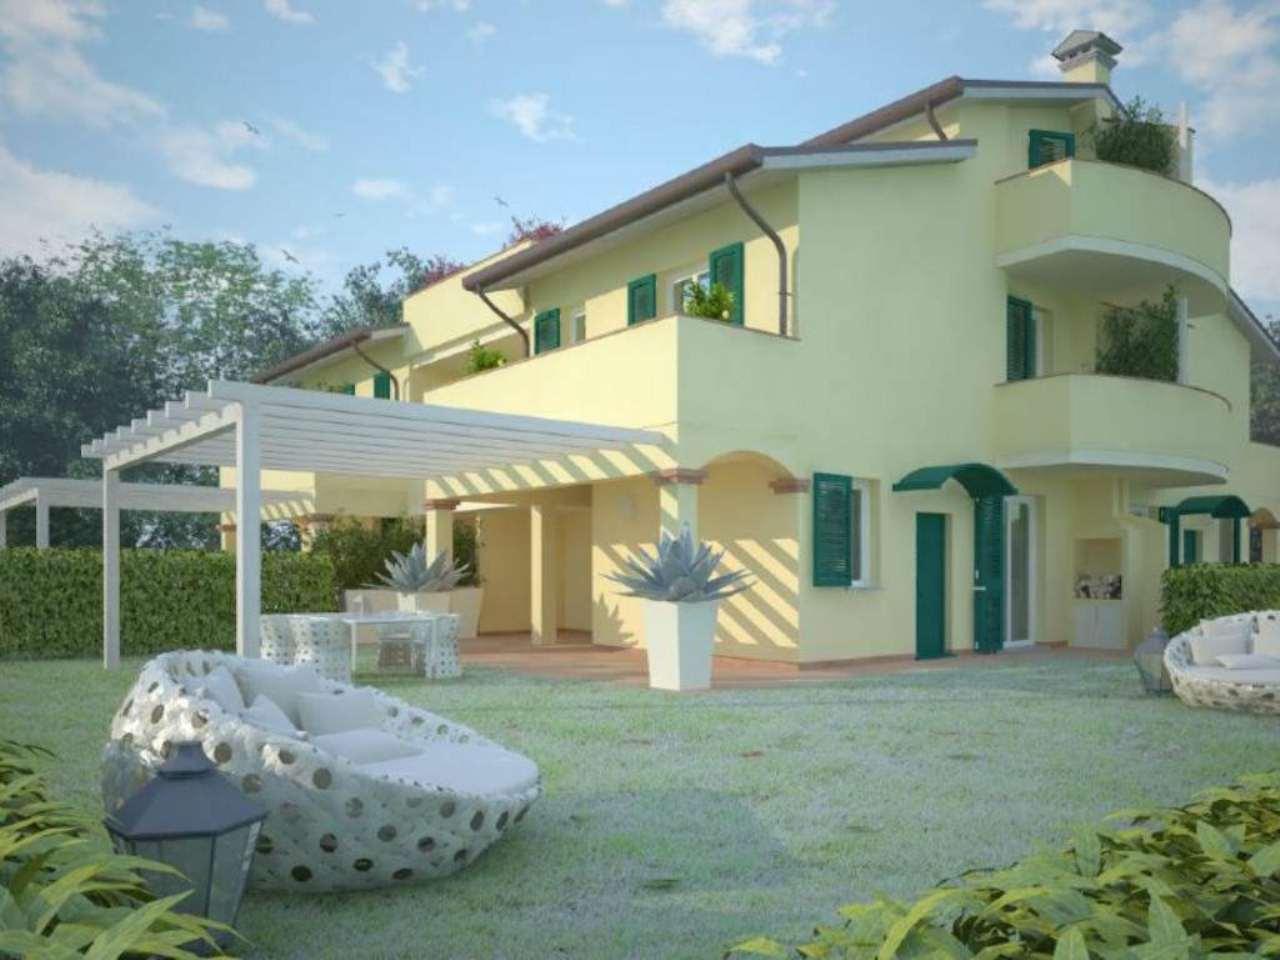 Villa in vendita a Russi, 3 locali, prezzo € 175.000 | Cambio Casa.it